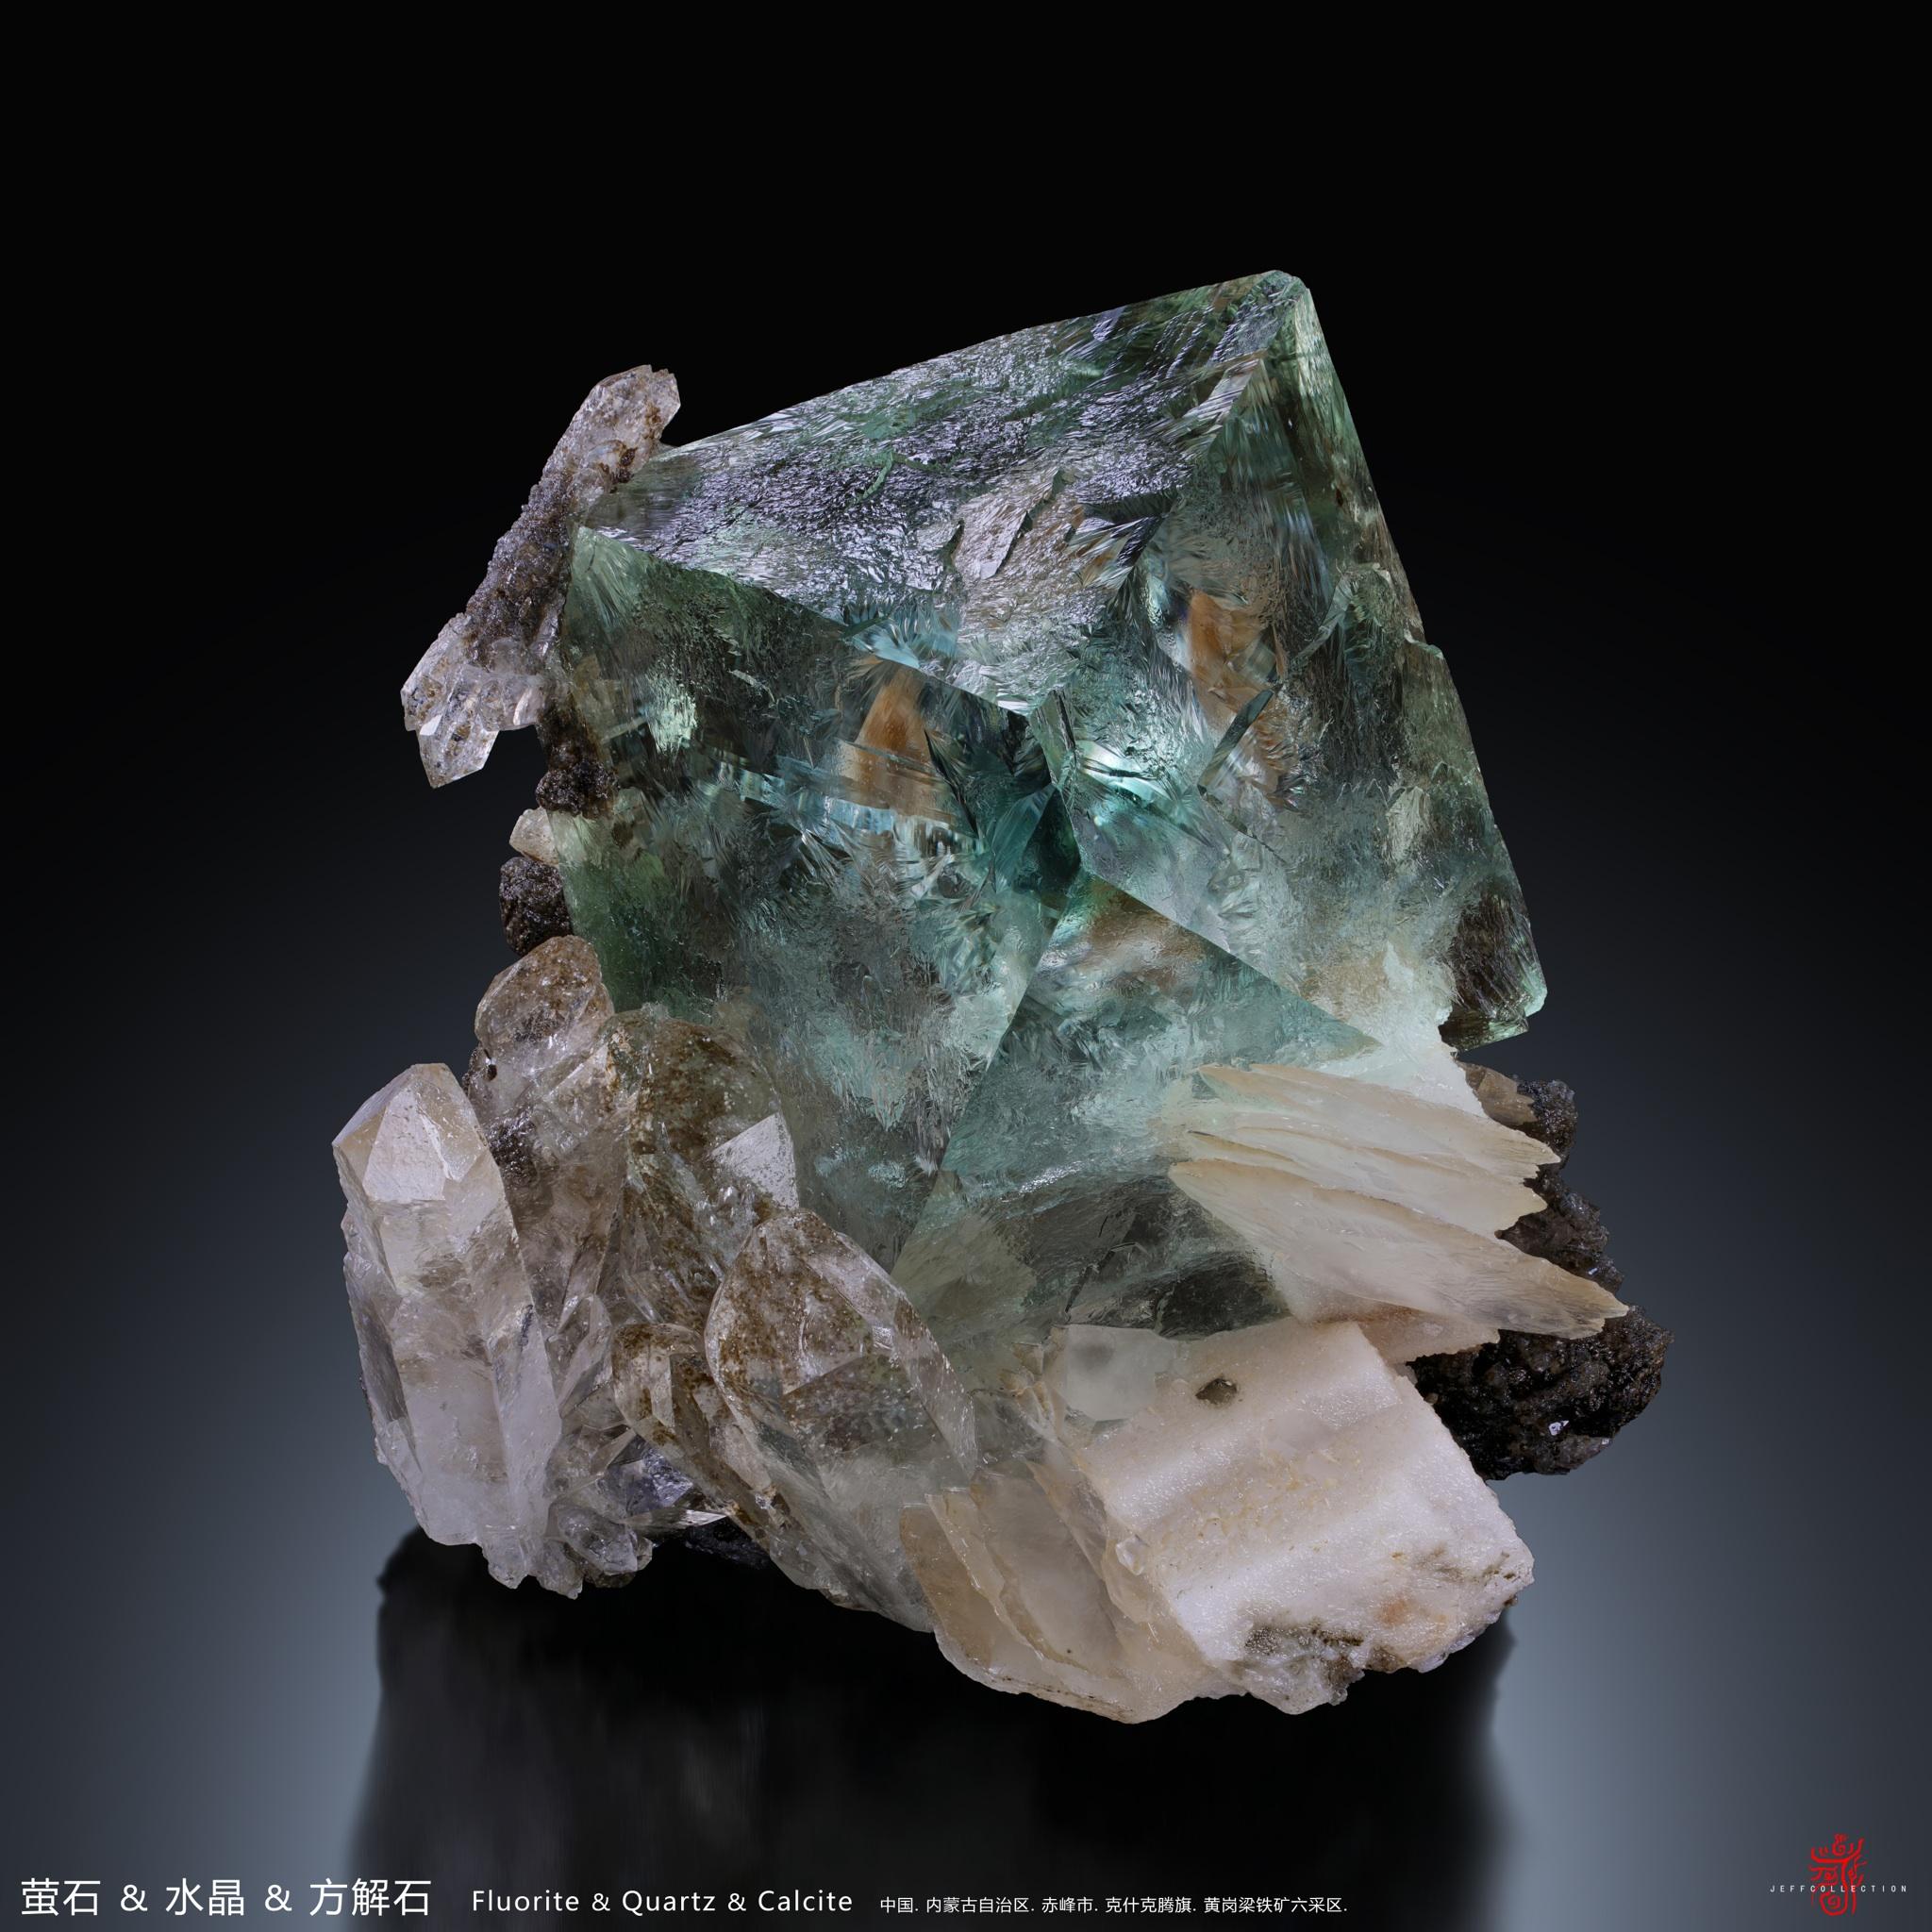 Wish Wang - 1E78C766-3711-4EE9-A1DC-55D7